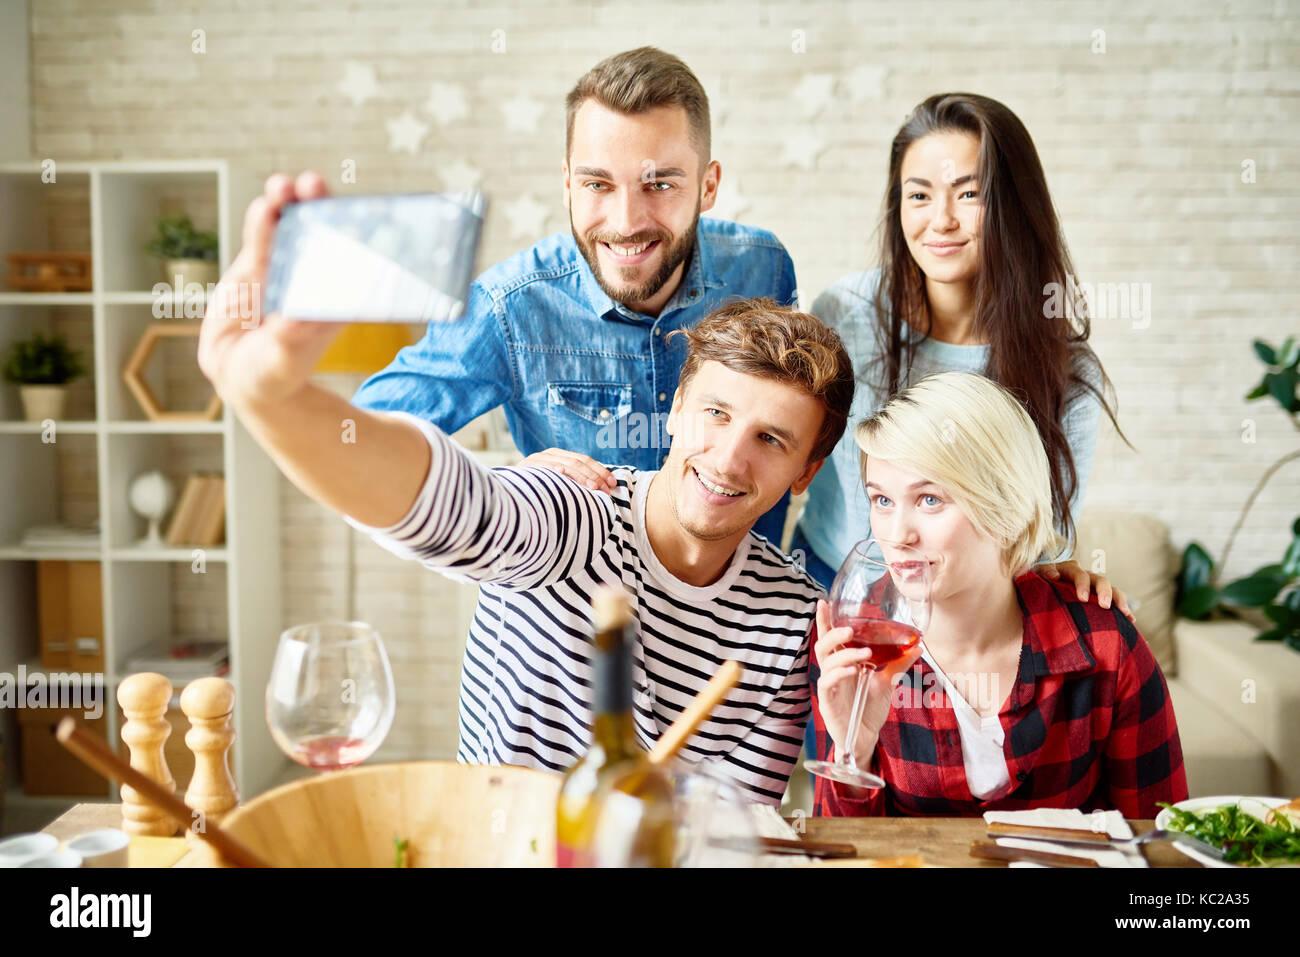 Portrait von glücklichen Freunde unter selfie am Tisch beim Feiern festliche Anlässe Stockbild